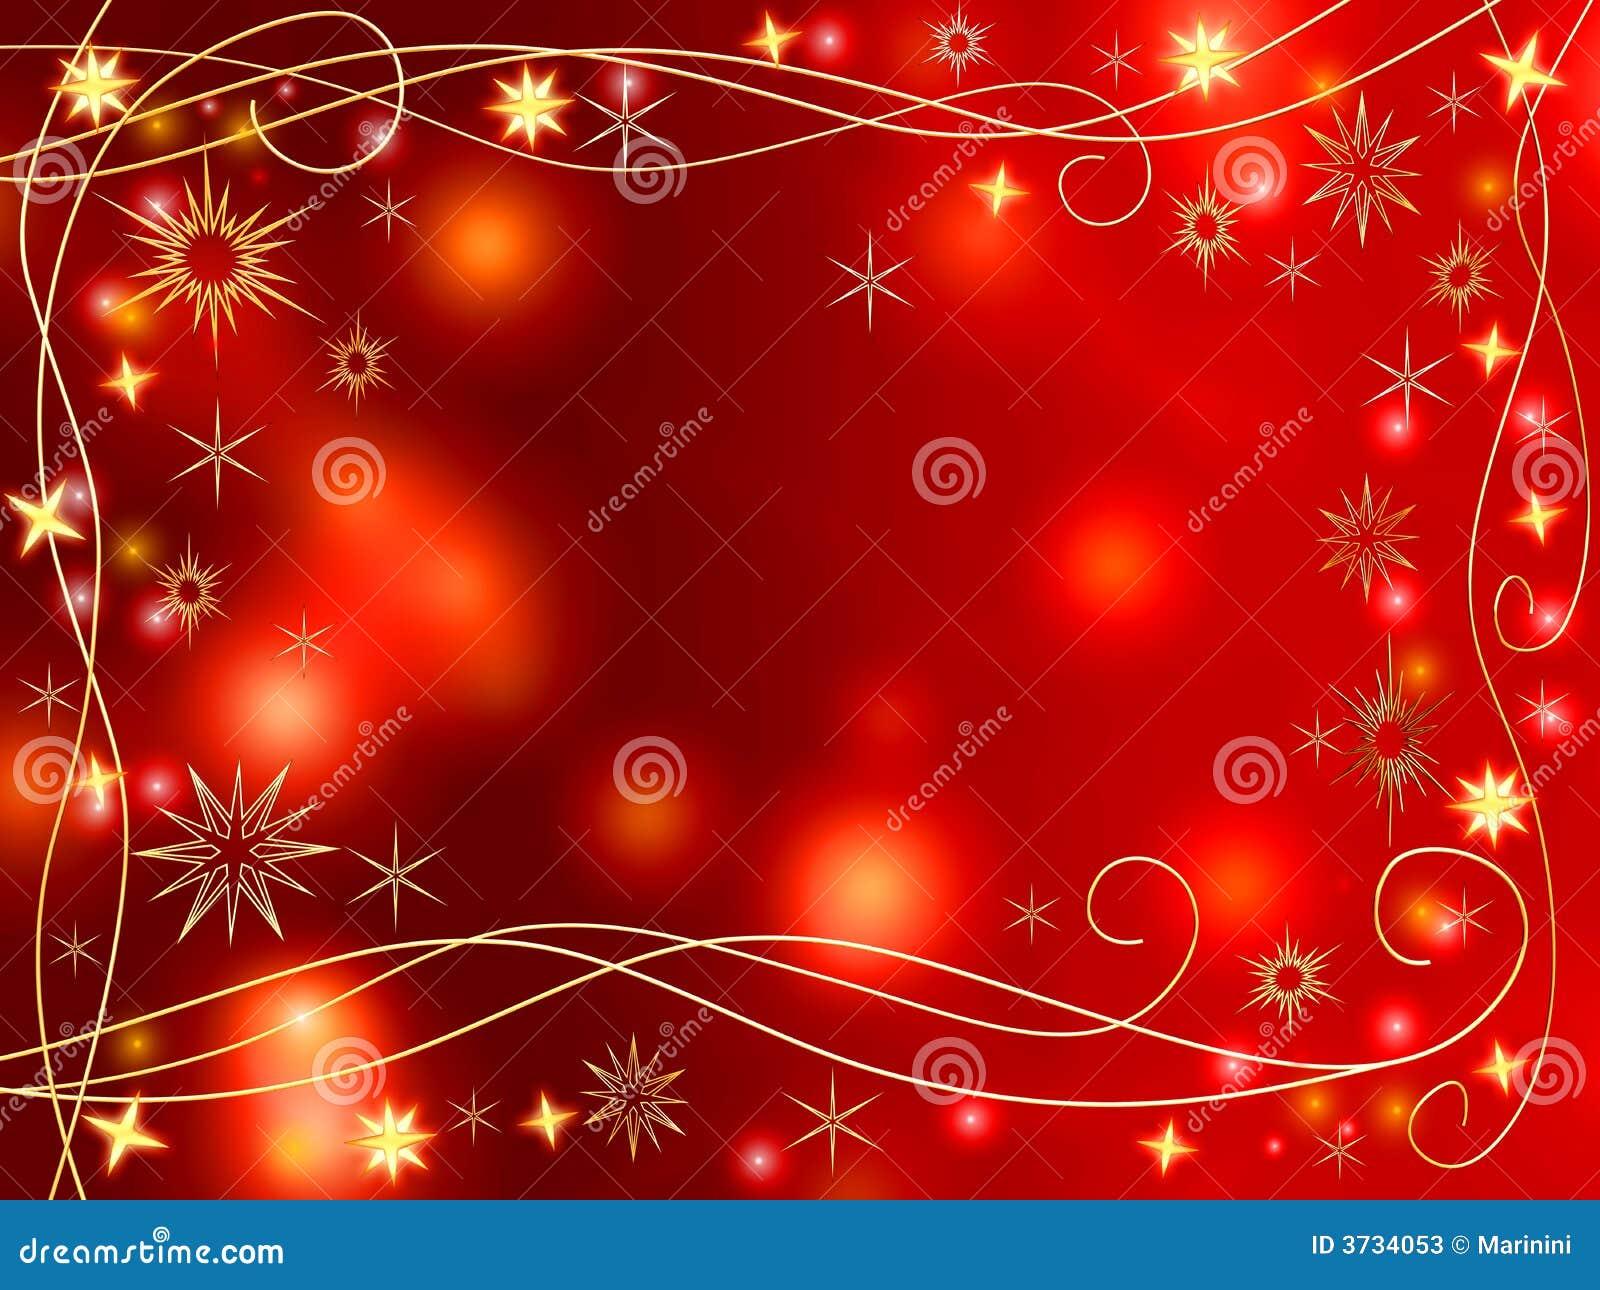 goldene sterne und schneeflocken des weihnachten 3d stockfotos bild 3734053. Black Bedroom Furniture Sets. Home Design Ideas